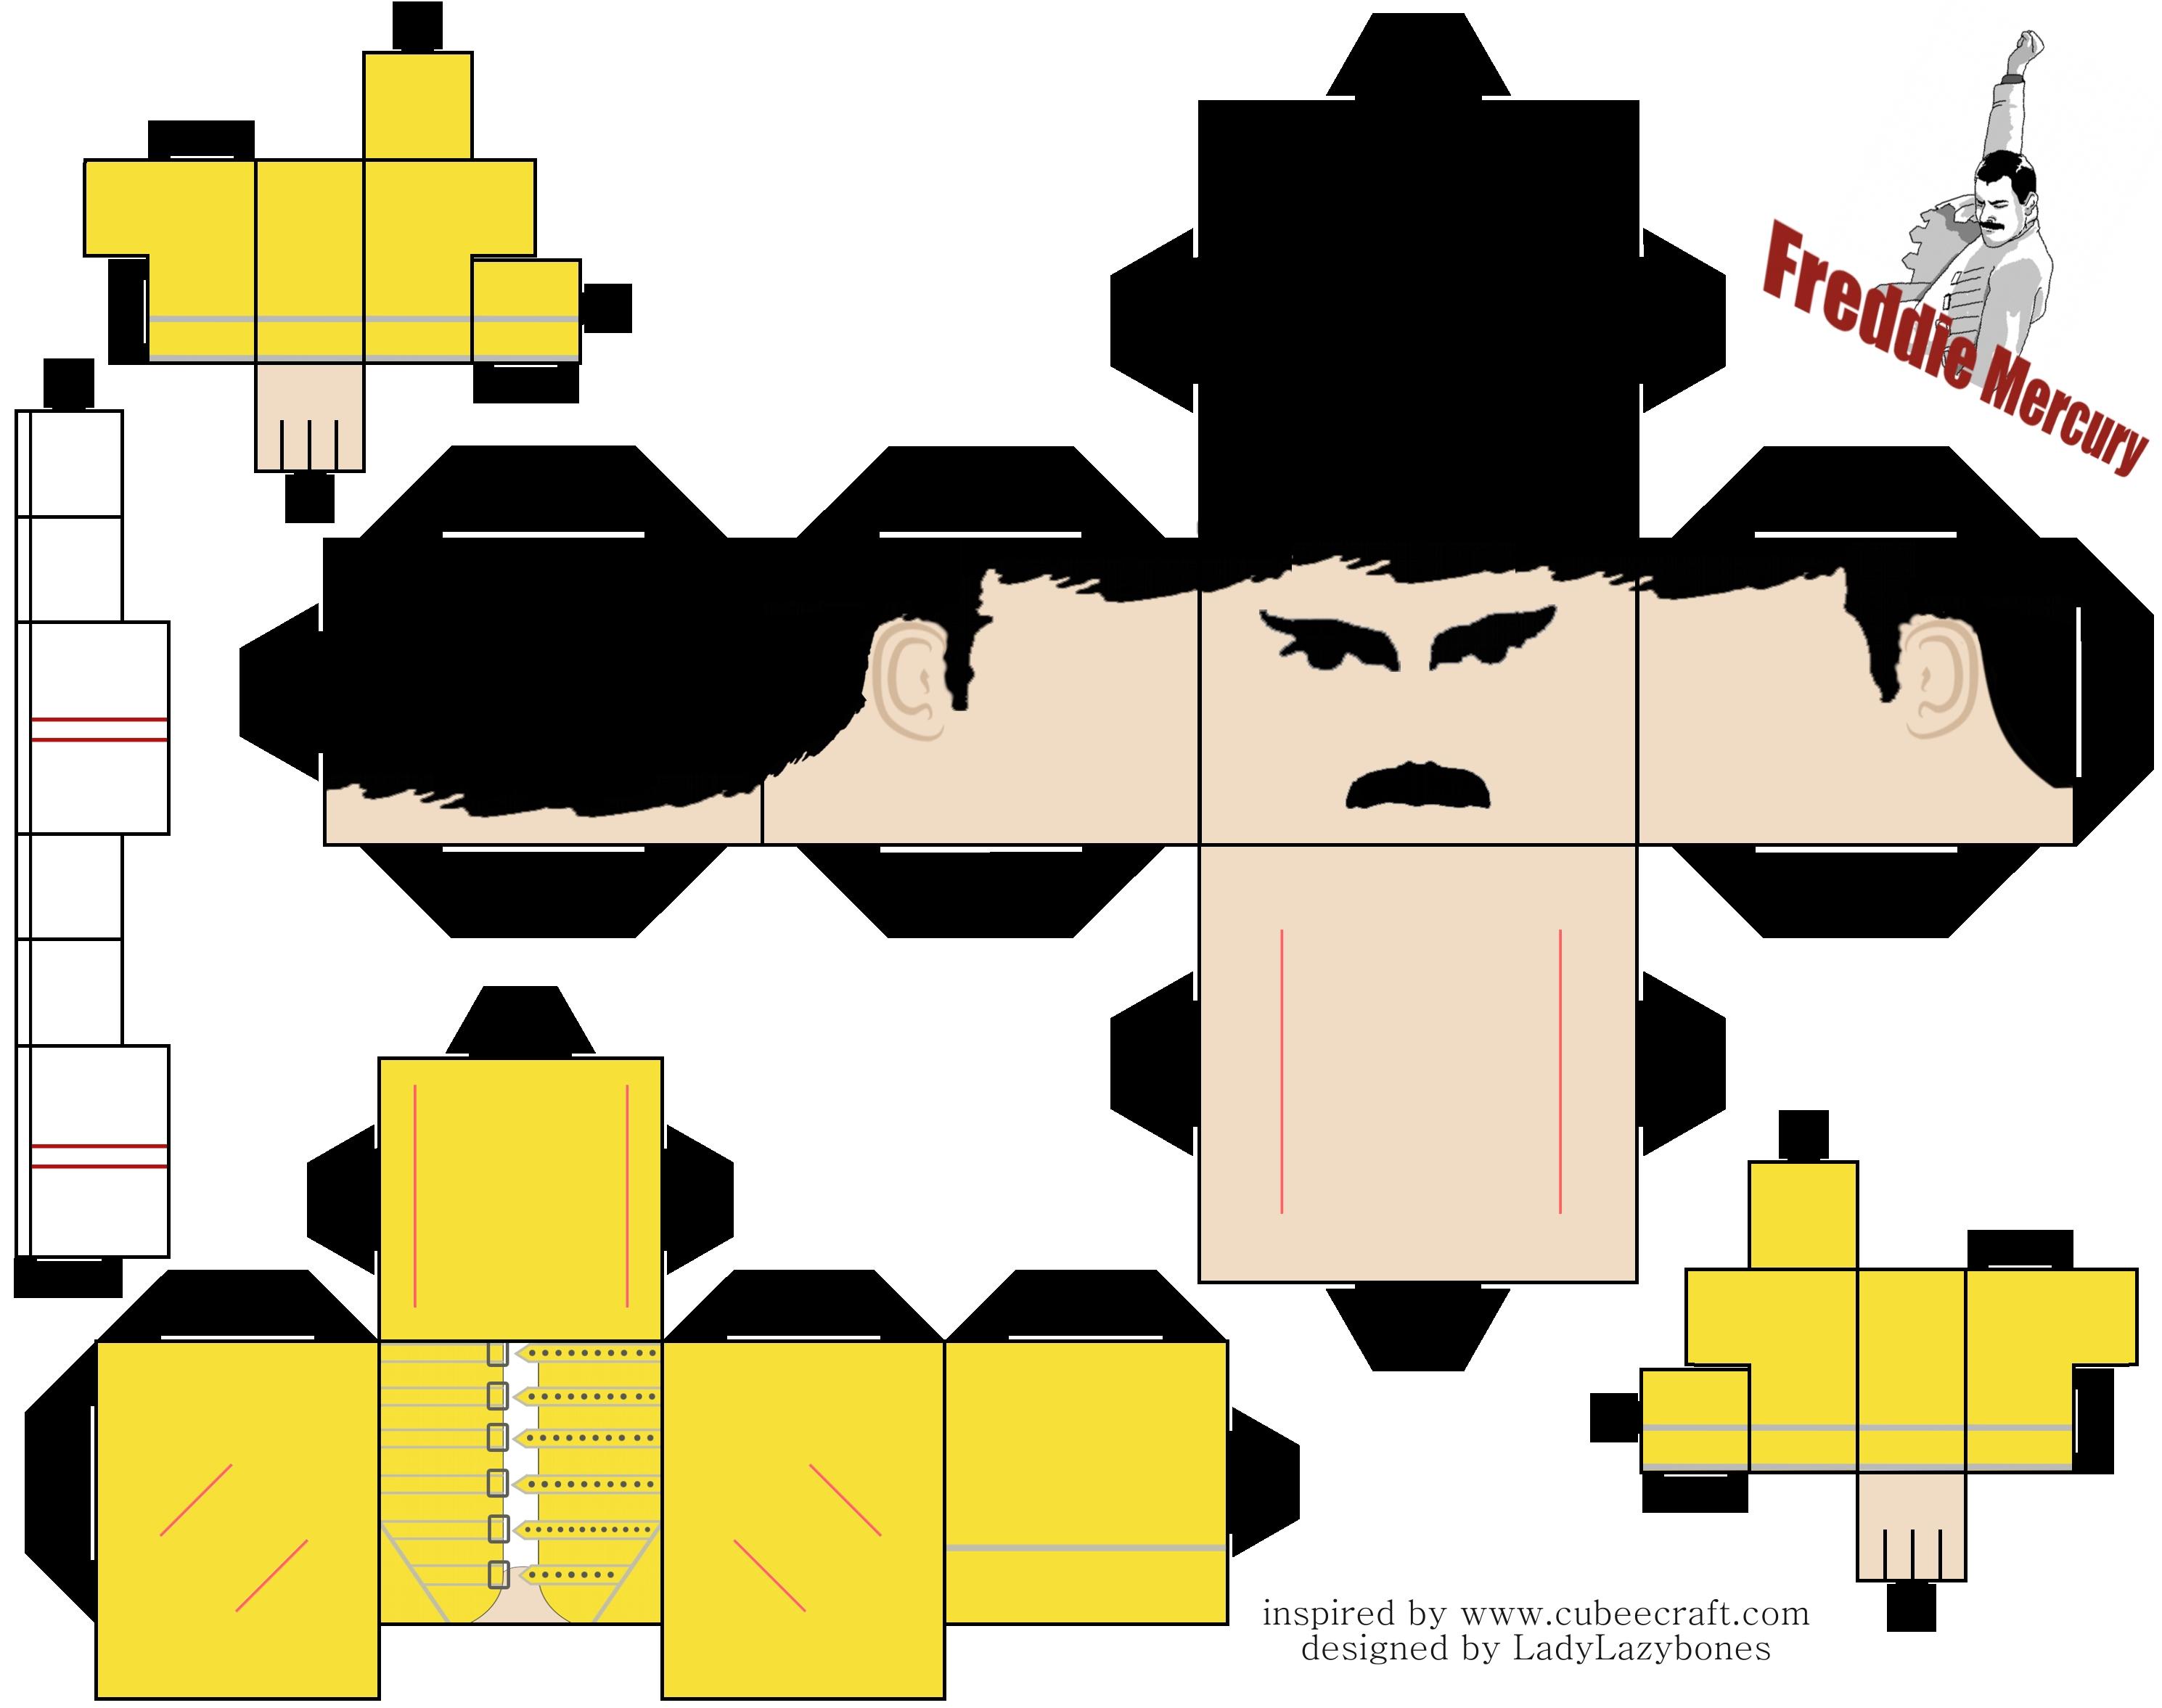 Freddie Mercury cubeecraft by LadyLazybones